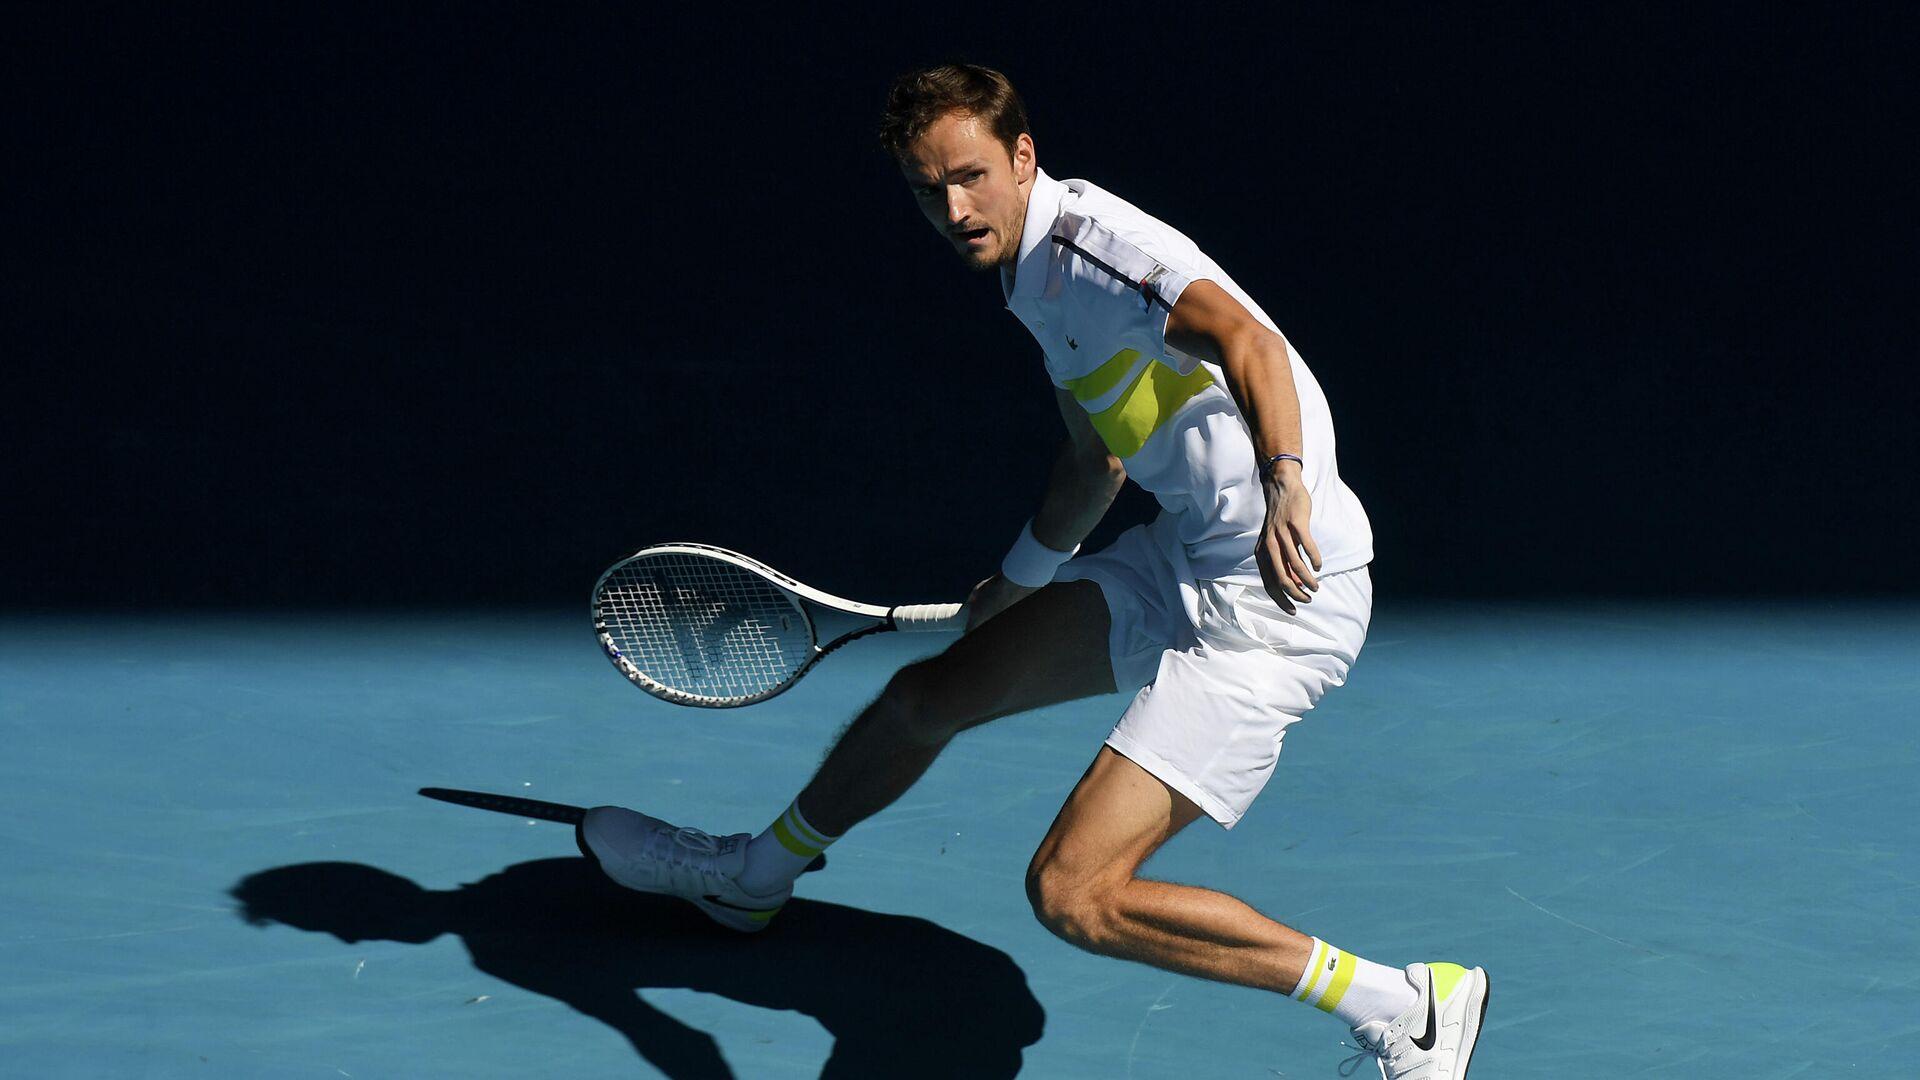 Даниил Медведев в четвертьфинальном матче Открытого чемпионата Австралии 2021 - РИА Новости, 1920, 17.02.2021